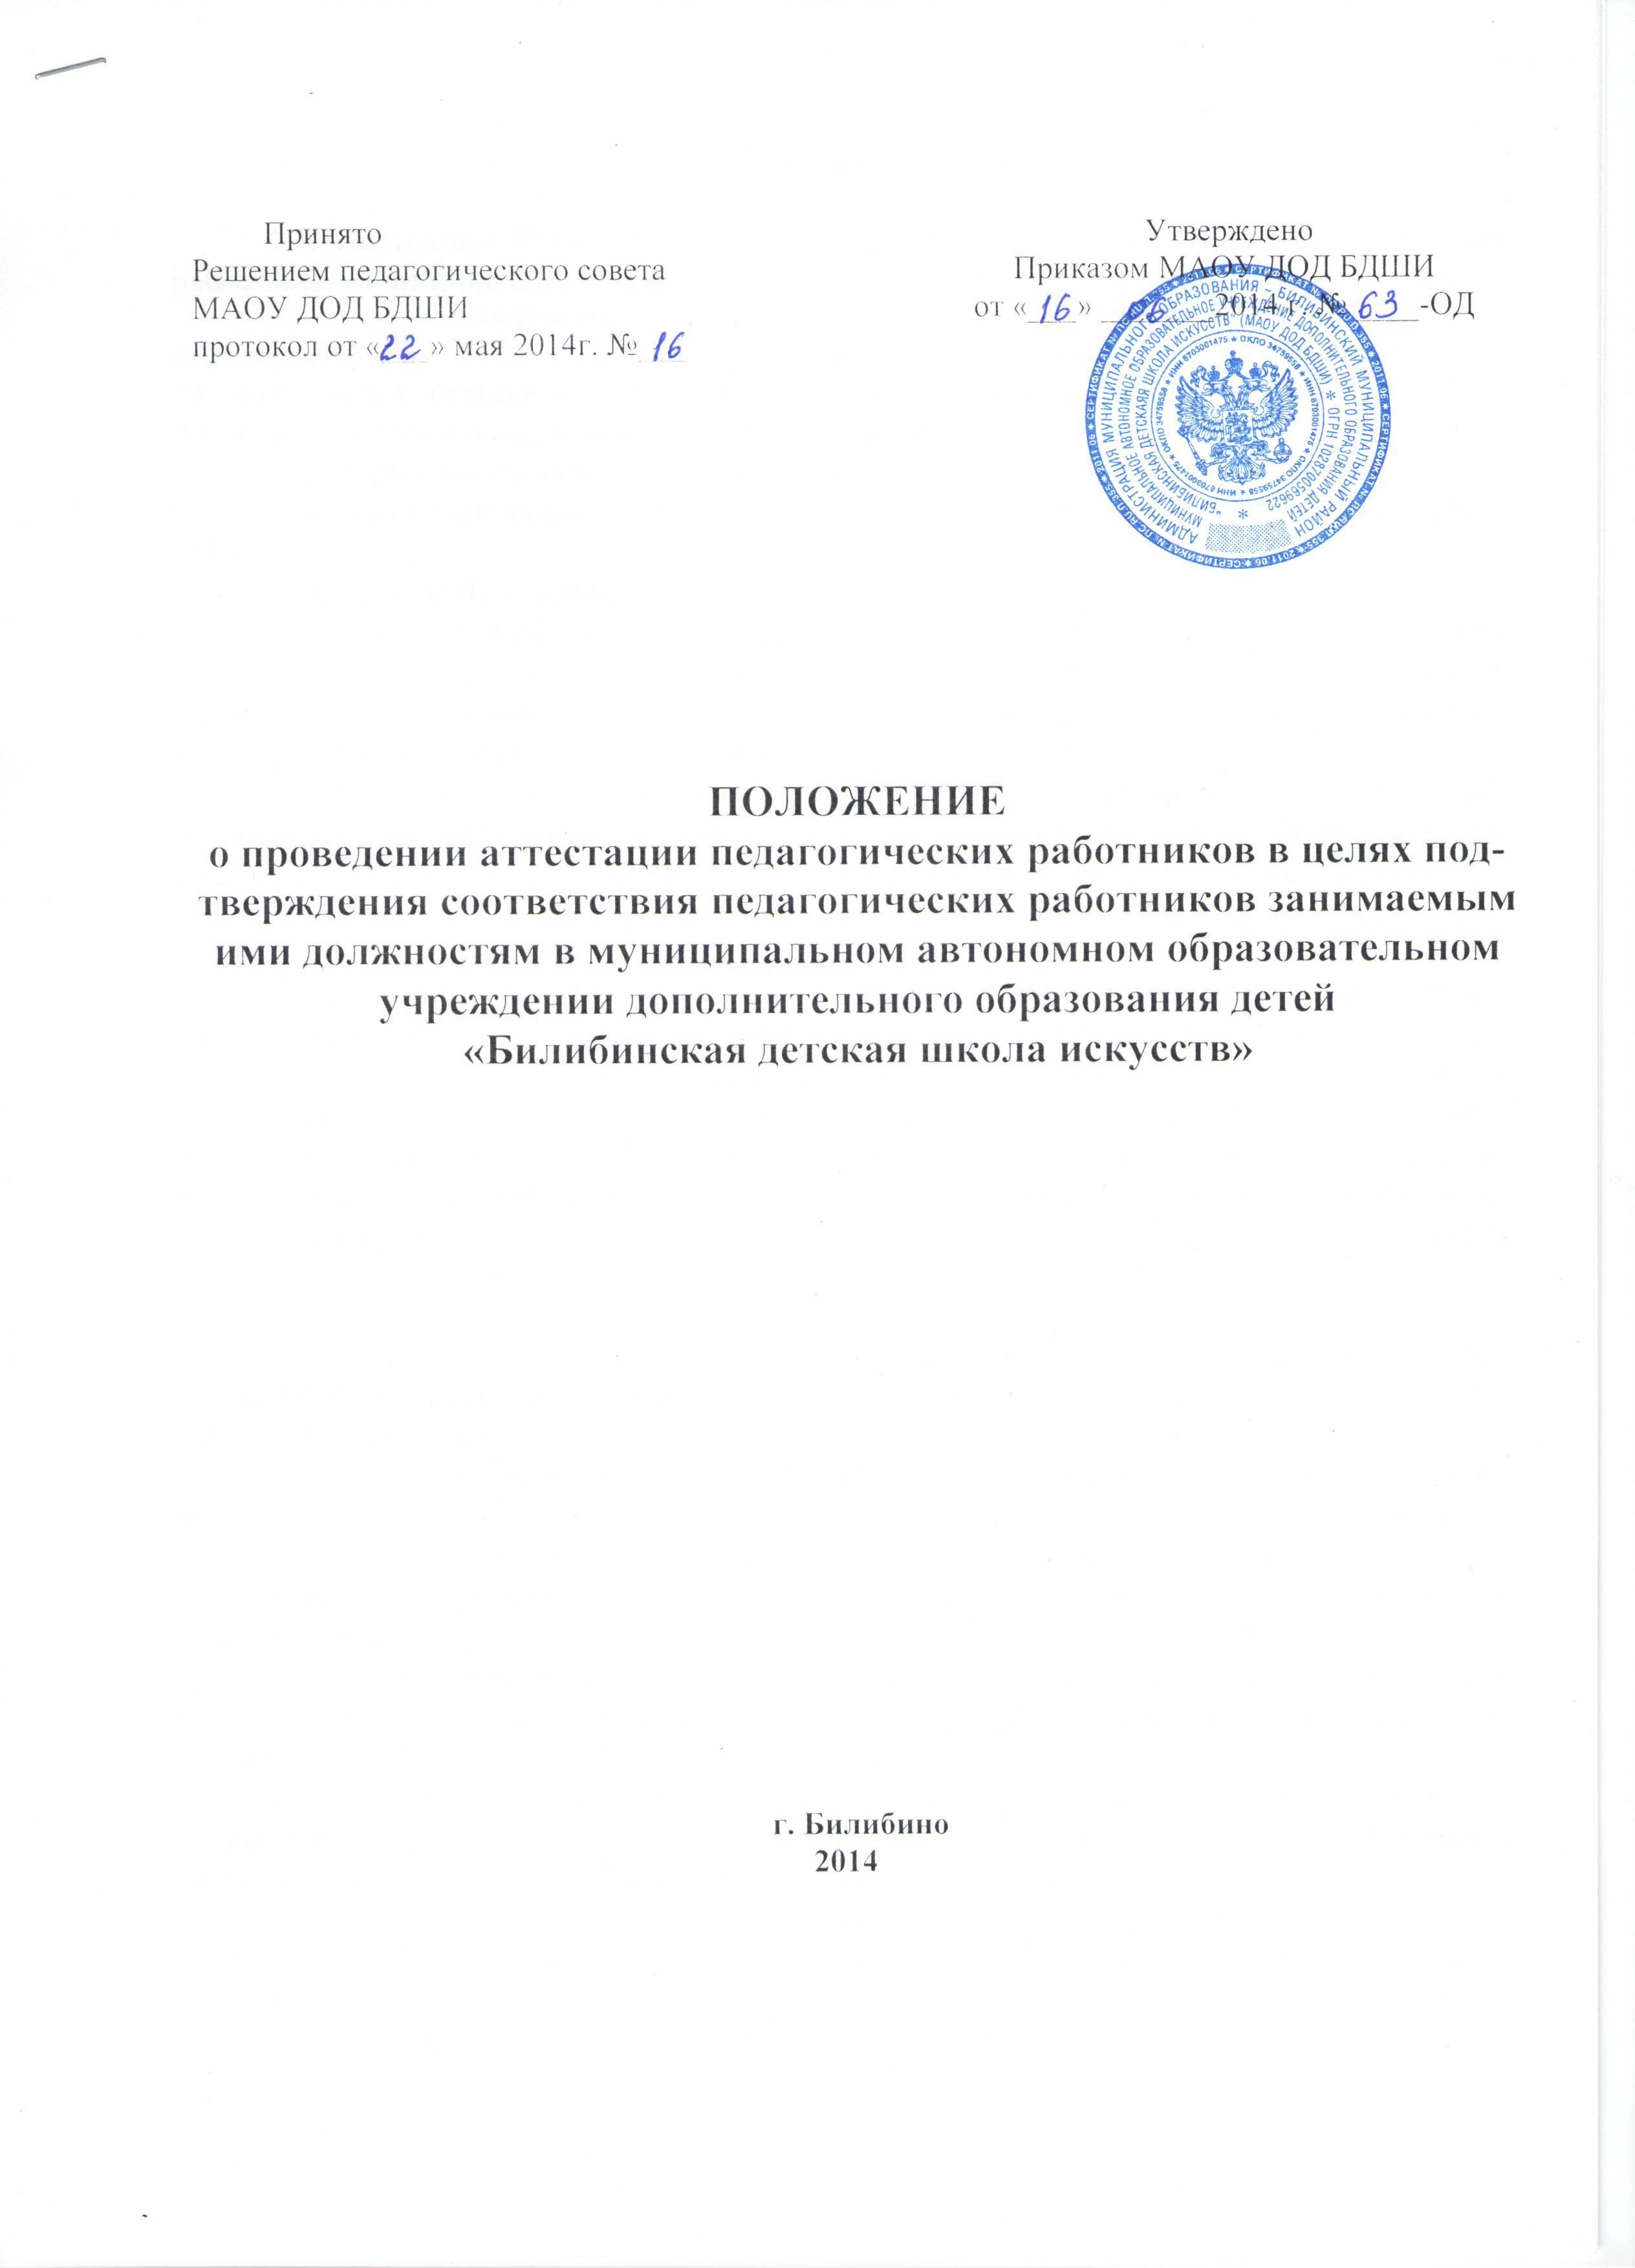 Аттестация учителей в казахстане в 2016 году тесты с ответами